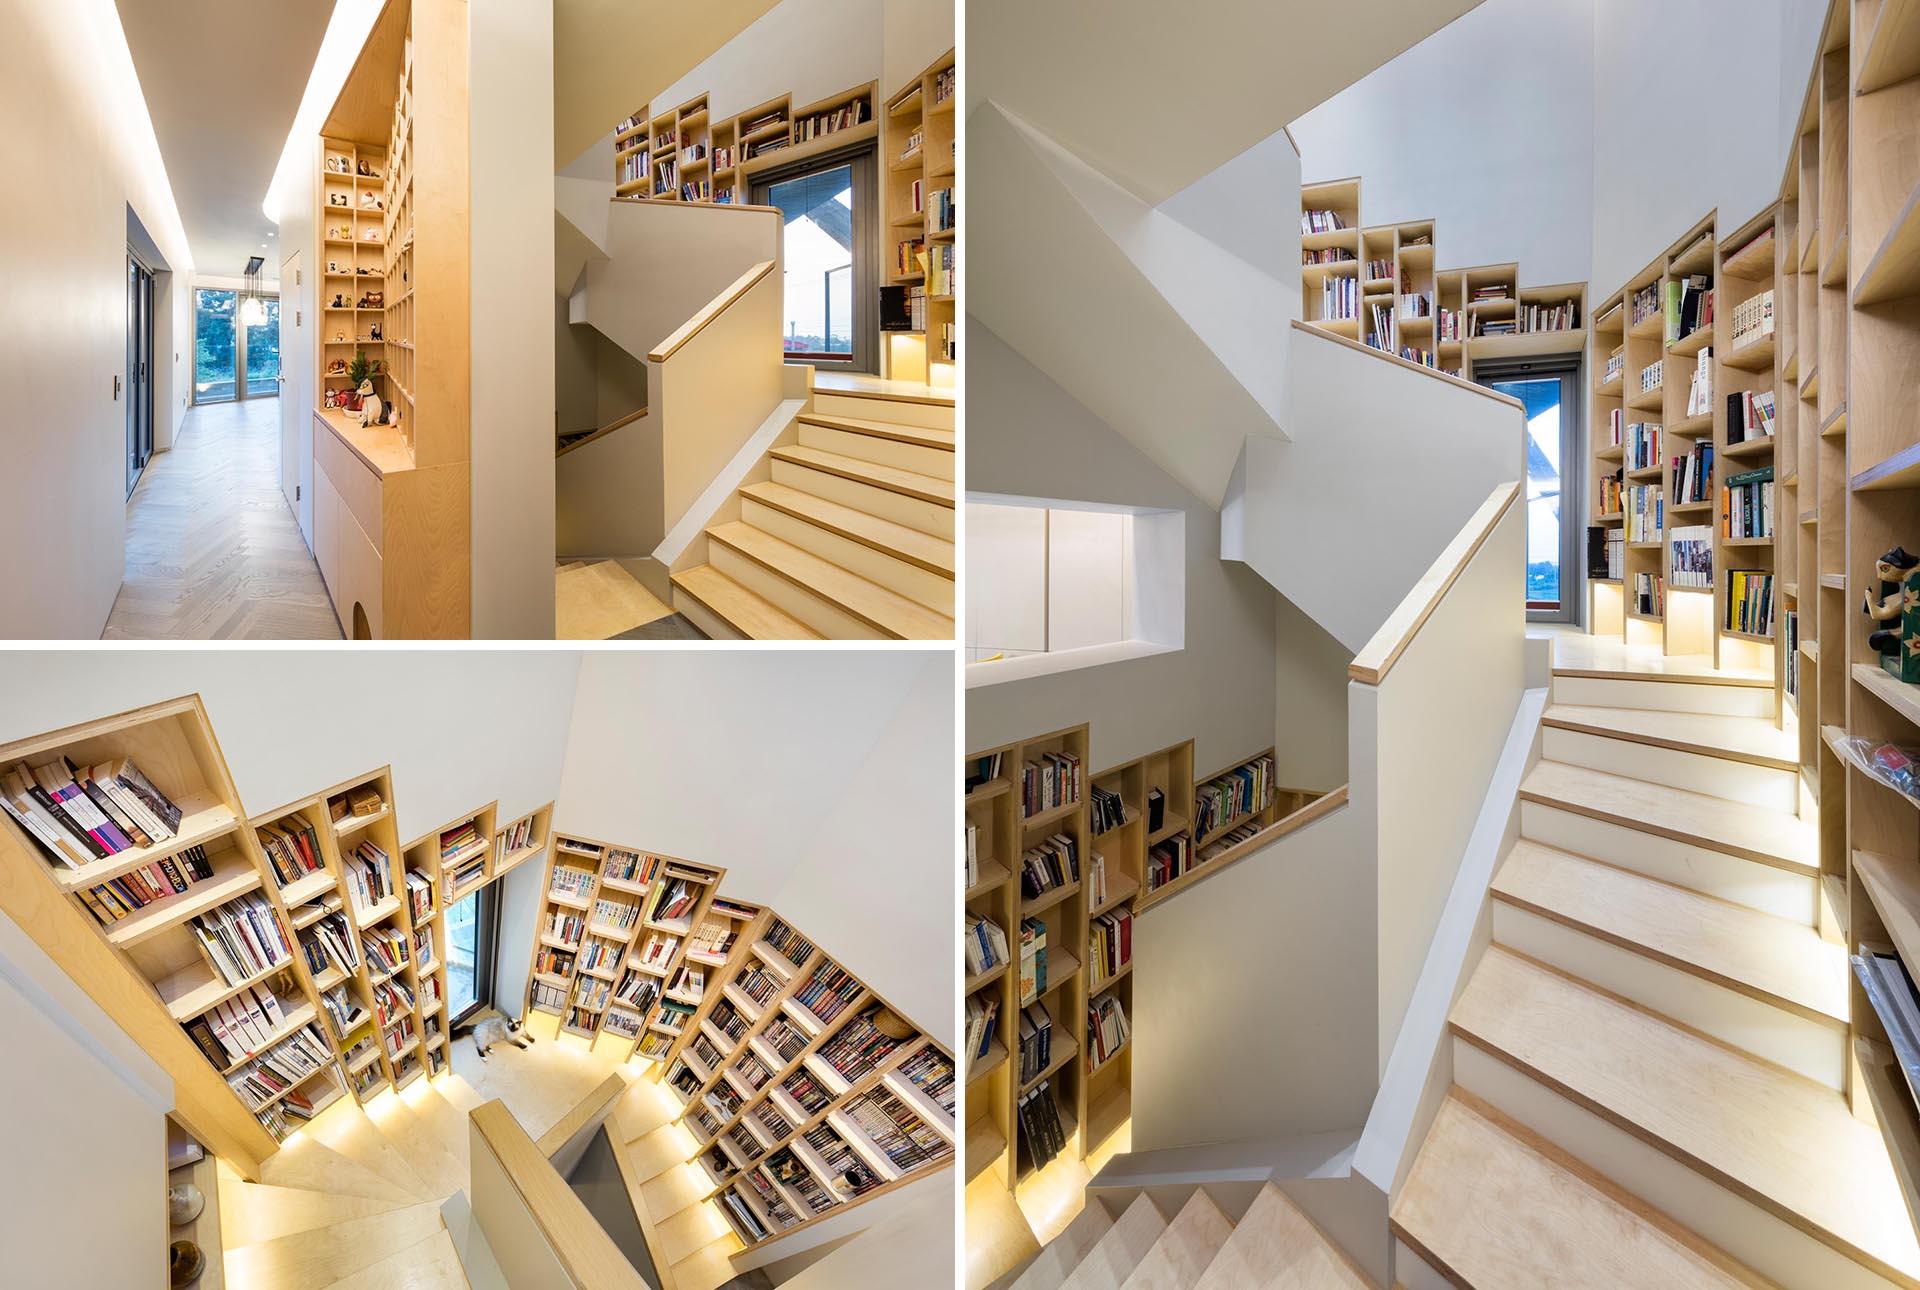 کتابخانه توکار در راه پله های خانه ای در کره جنوبی